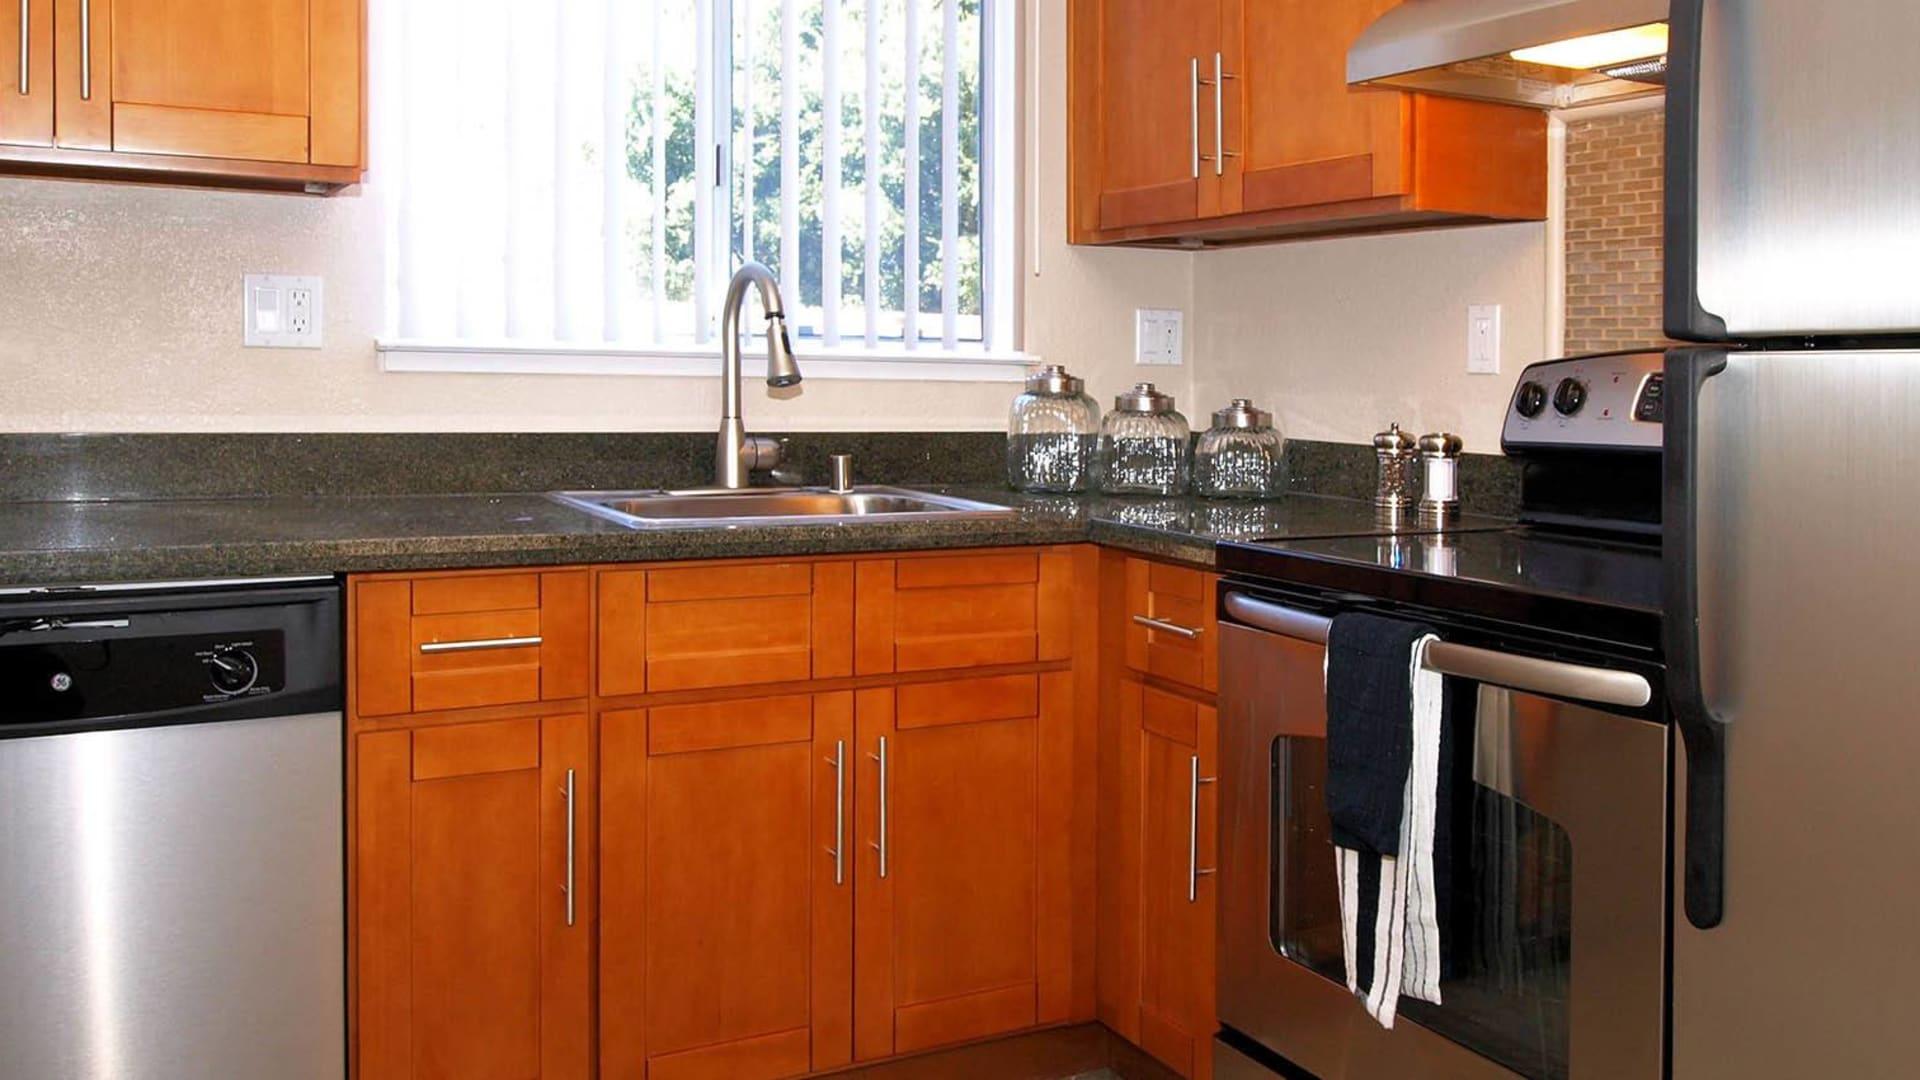 Kitchen at Spring Lake Apartment Homes in Santa Rosa, California